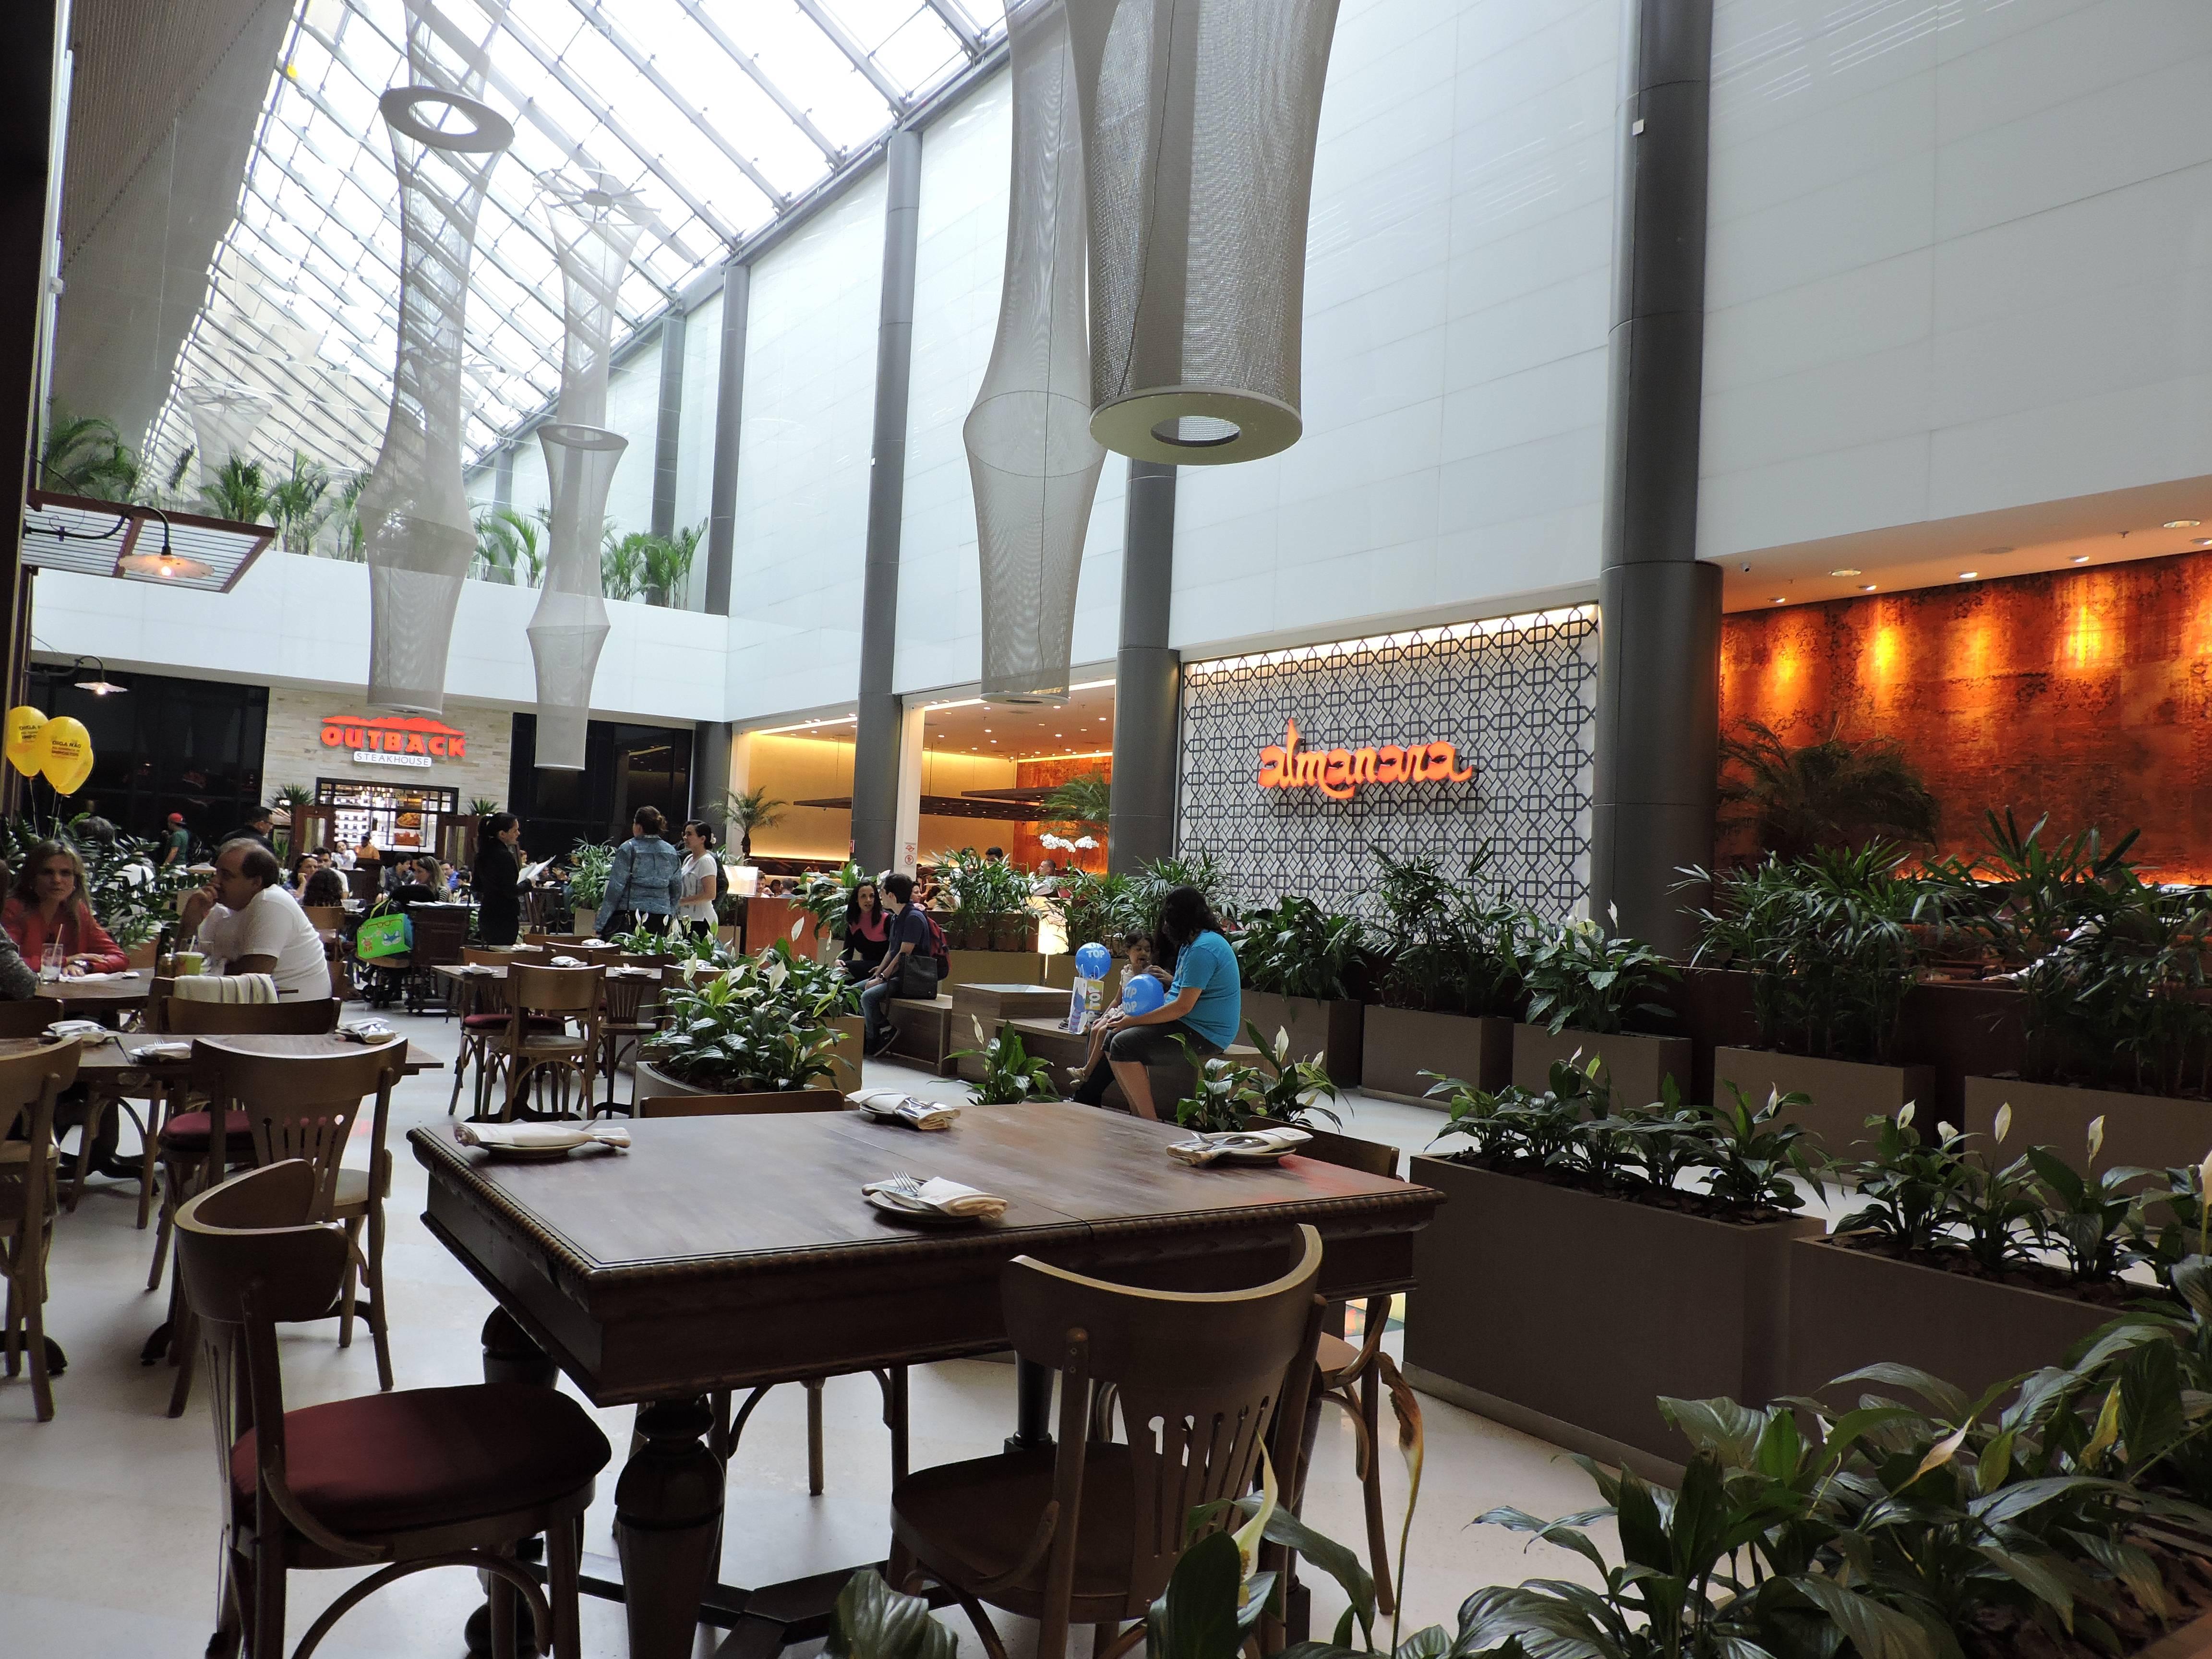 Área gourmet - Shopping Cidade São Paulo